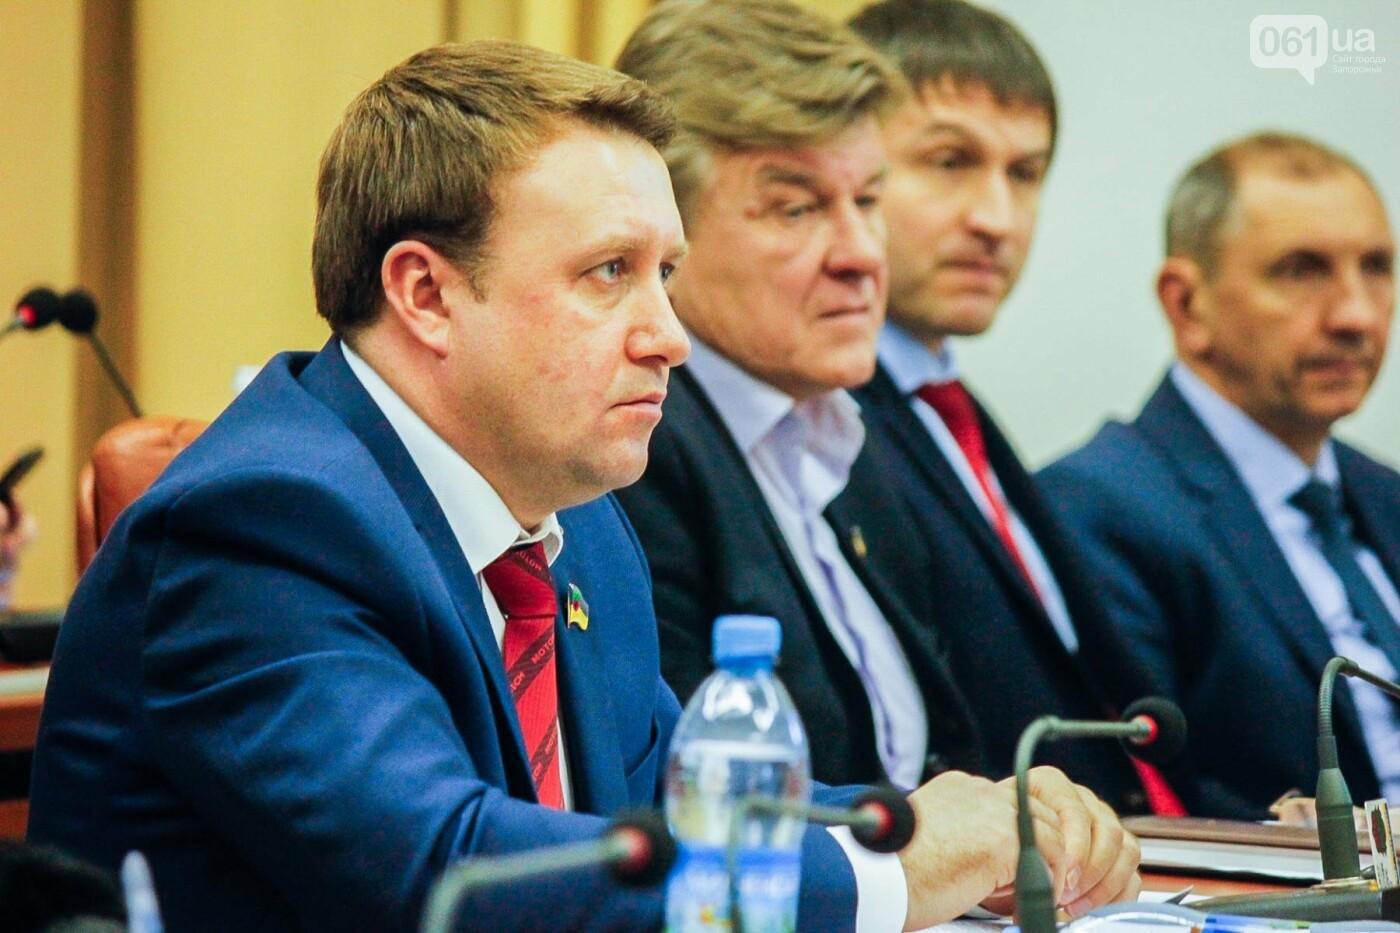 Сессия запорожского горсовета в лицах, - ФОТОРЕПОРТАЖ, фото-27